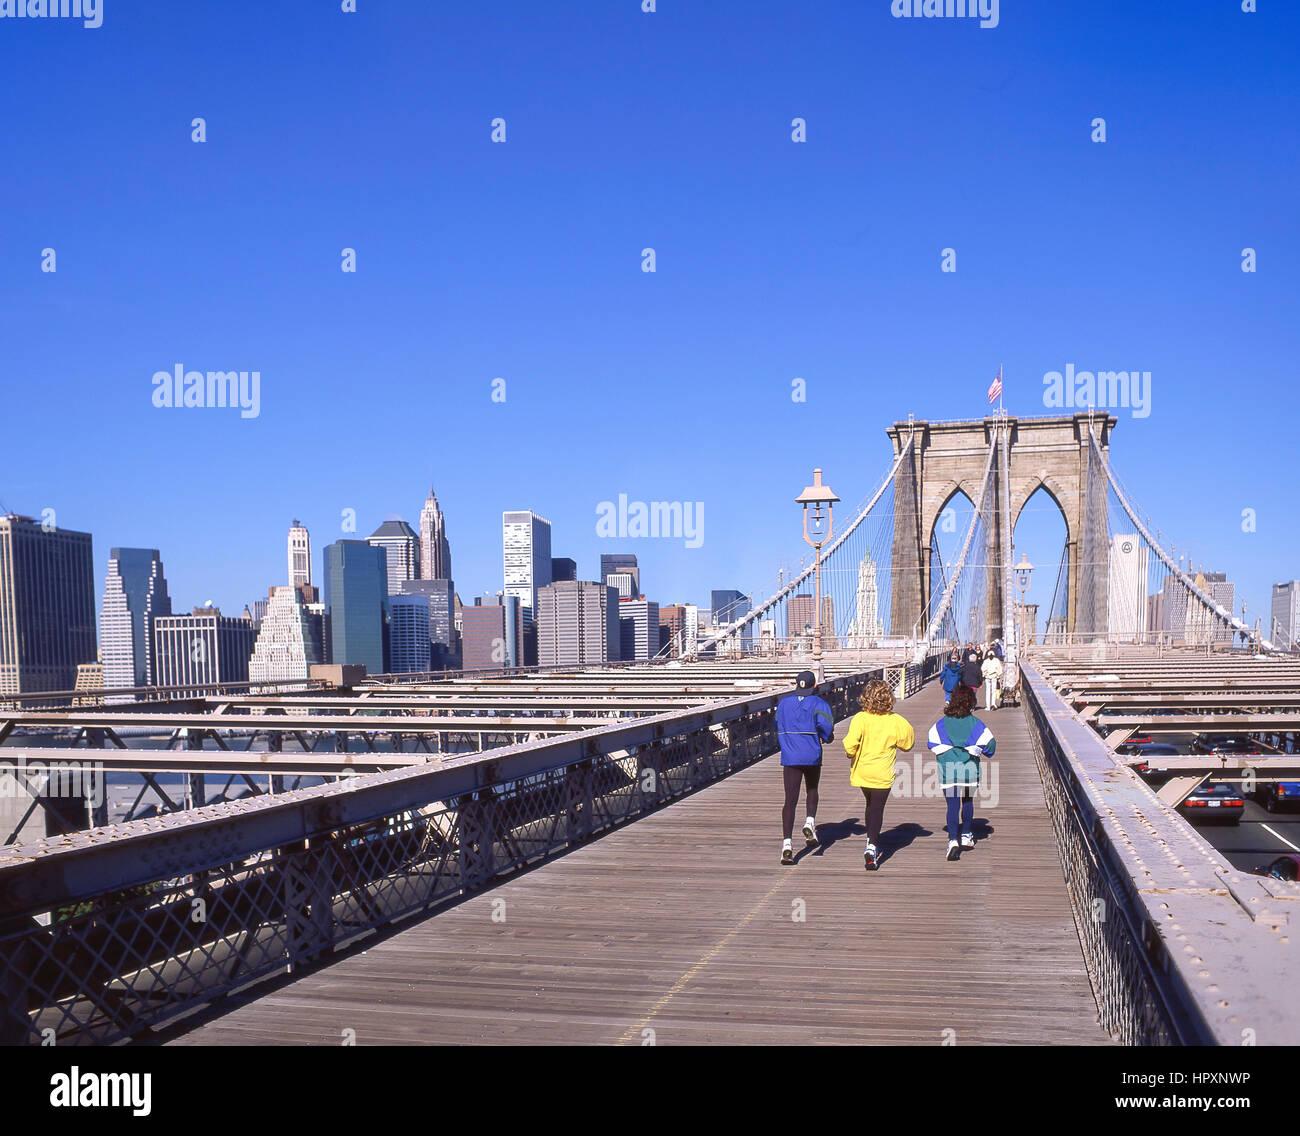 Passerelle piétonne sur le pont de Brooklyn, Manhattan, New York, État de New York, États-Unis d'Amérique Banque D'Images